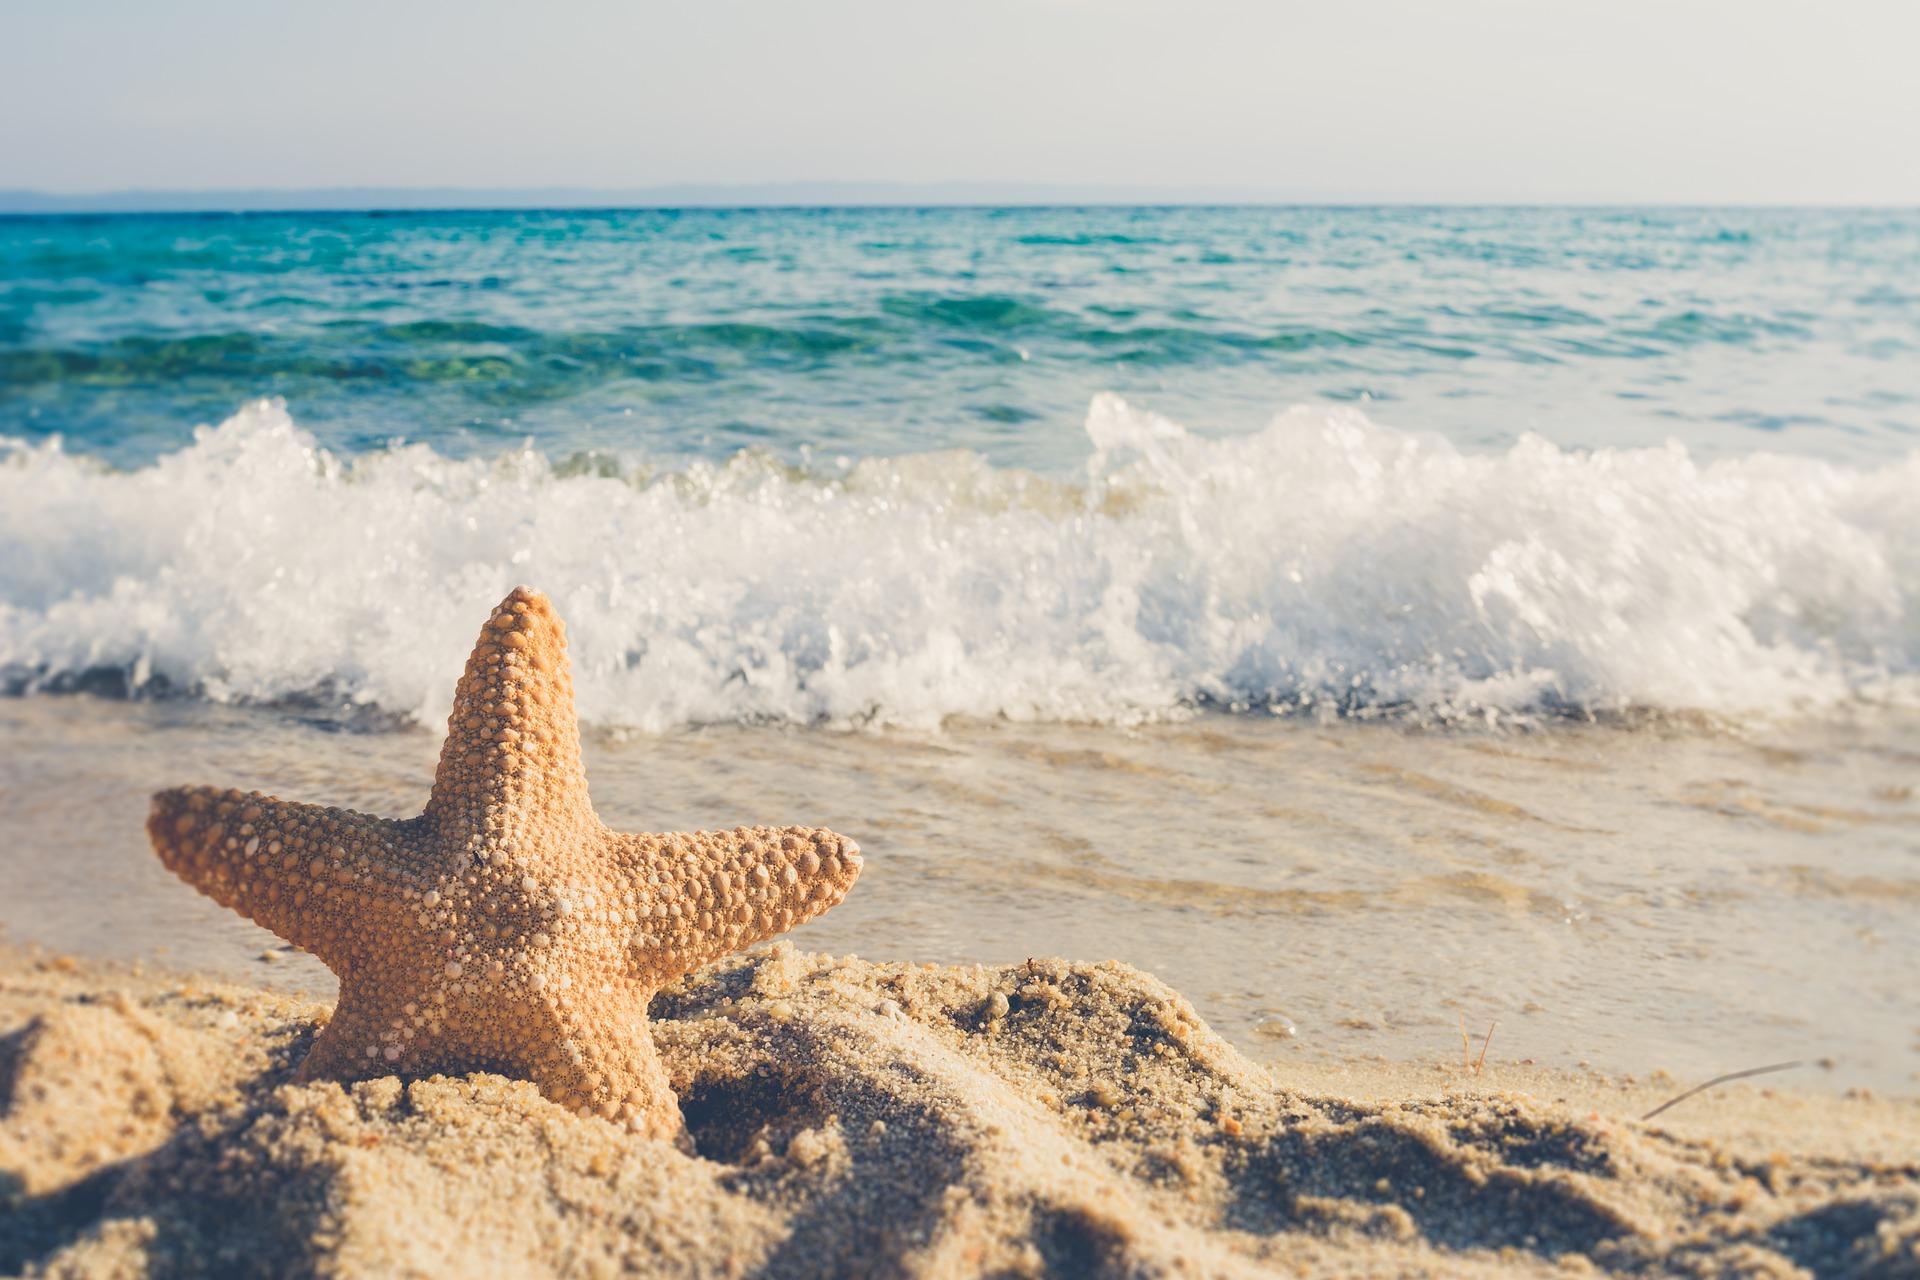 Clima, Spiaggia, Stella marina\